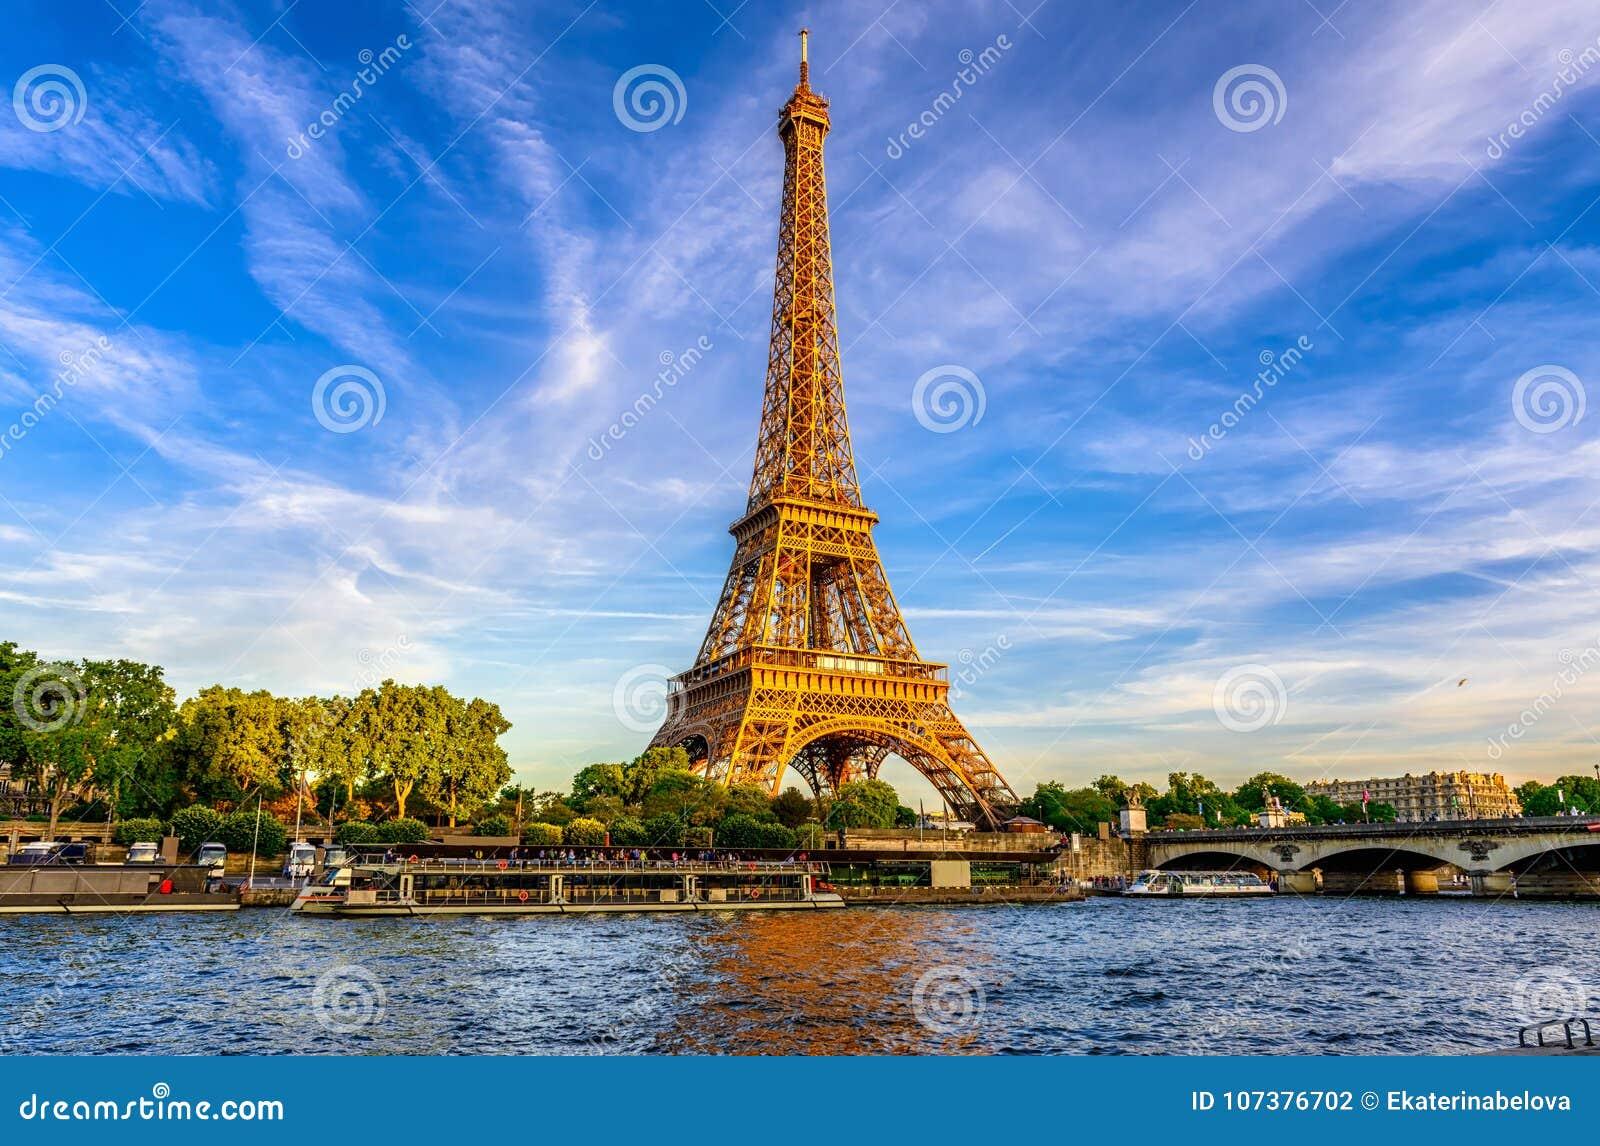 Эйфелева башня Парижа и река Сена на заходе солнца в Париже, Франции